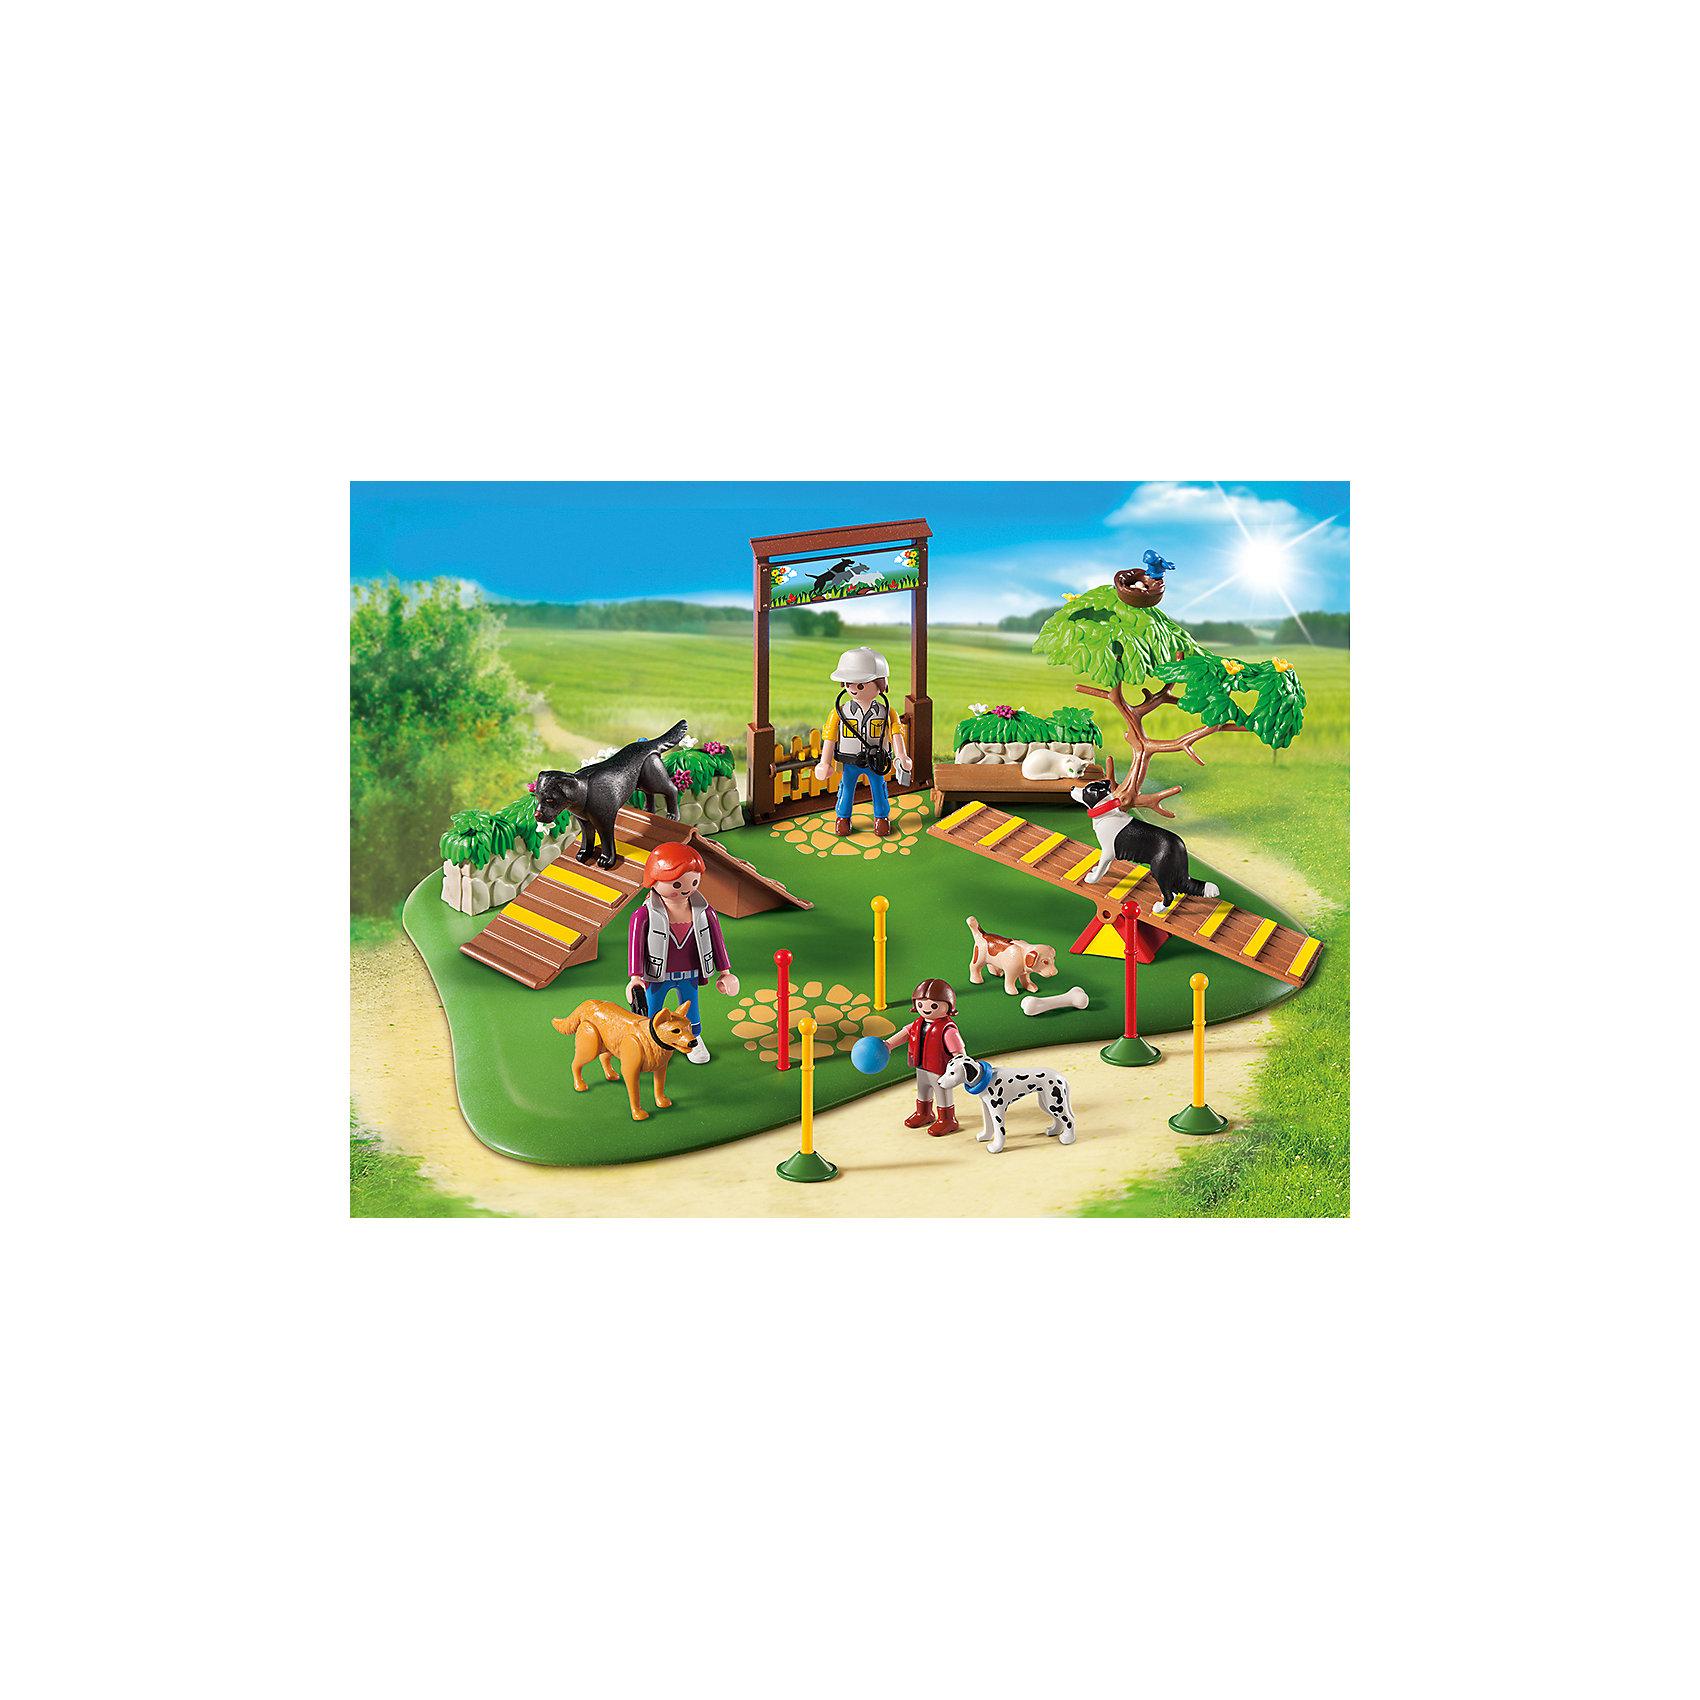 PLAYMOBIL® Супер набор: Дрессировка собак, PLAYMOBIL playmobil® зоопарк стая фламинго playmobil